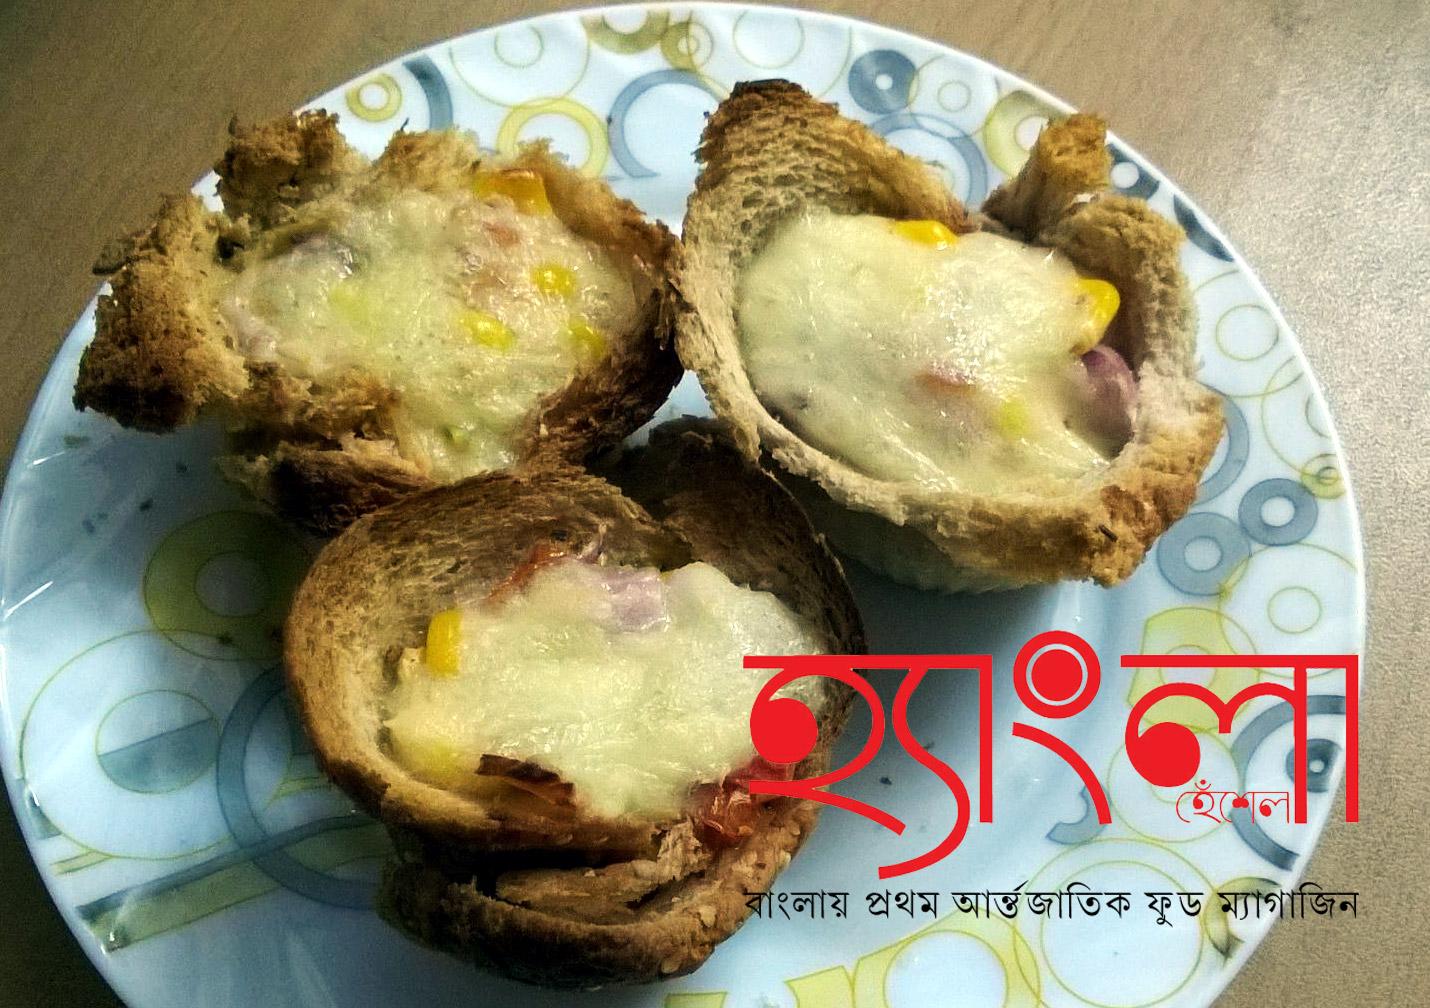 Bread-and-Egg-Tart